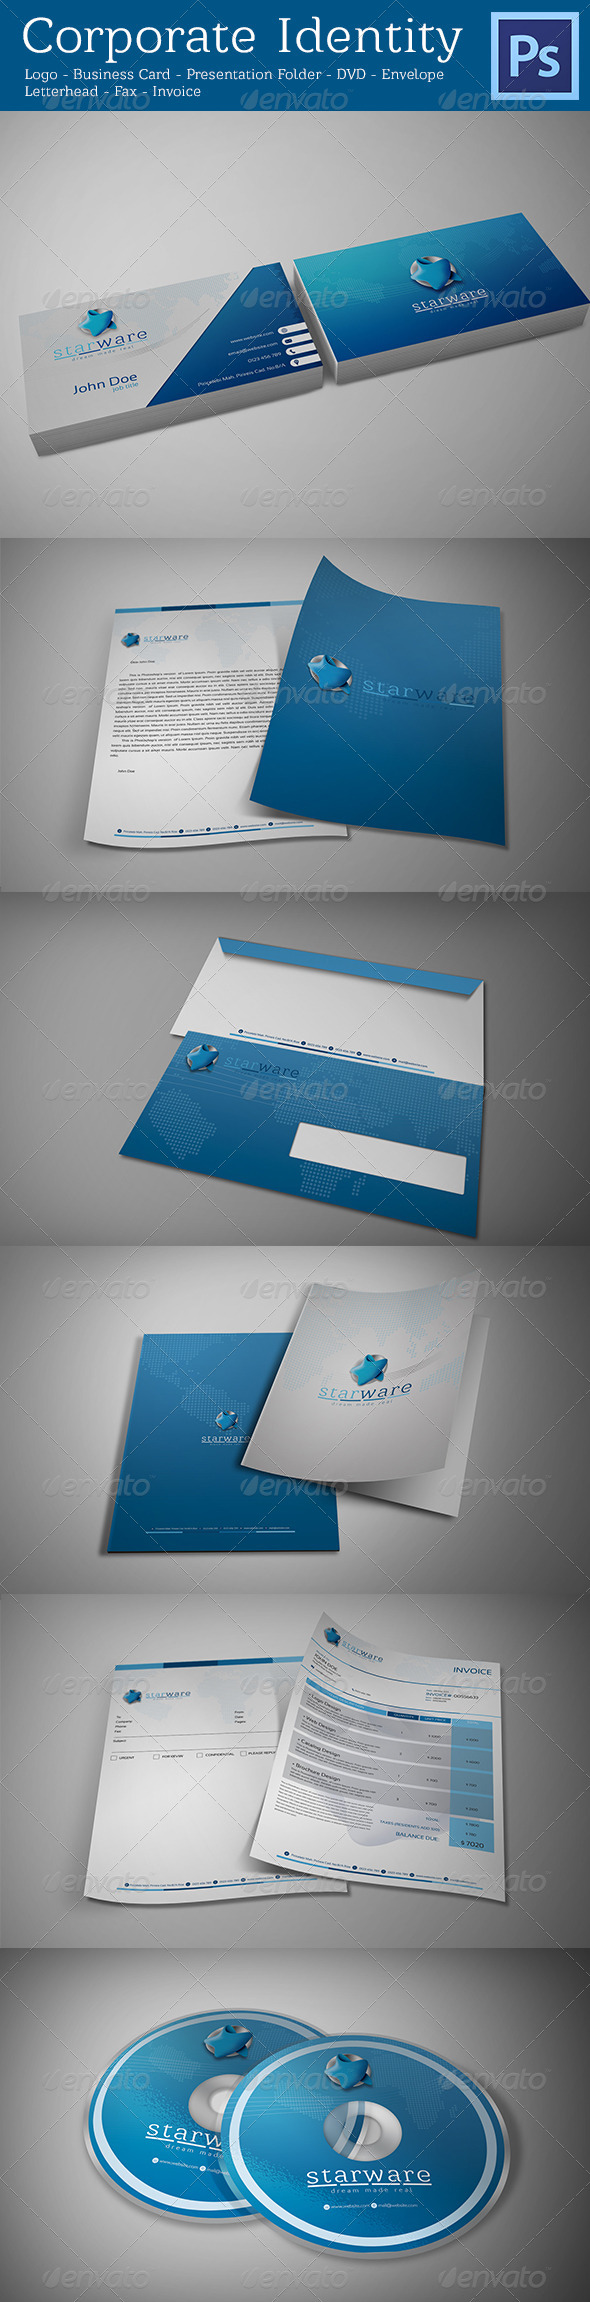 GraphicRiver Corporate Identity 4200333